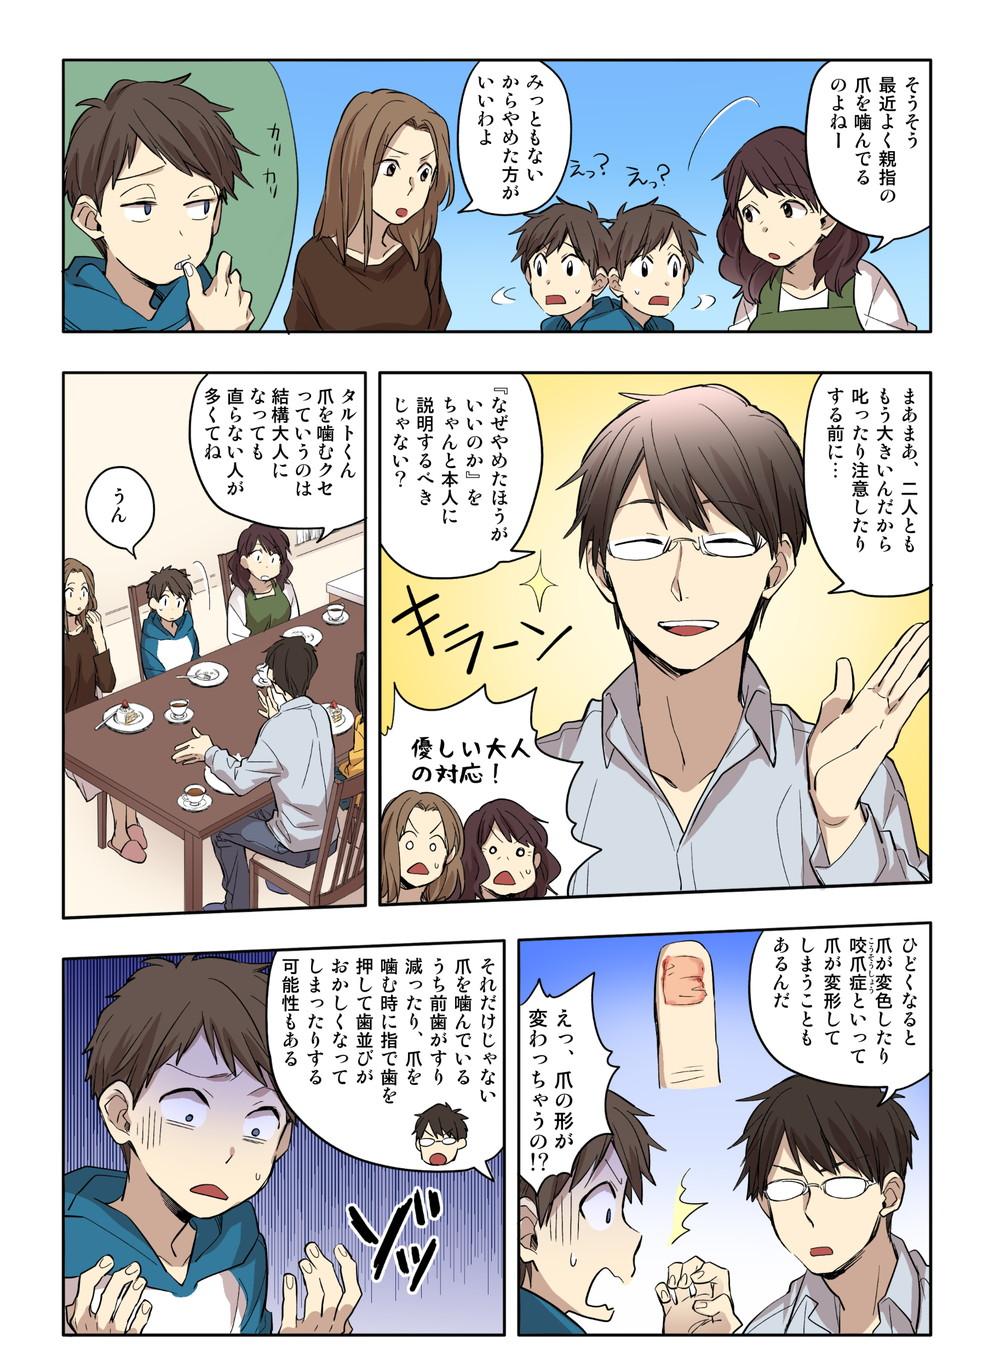 comic11_02